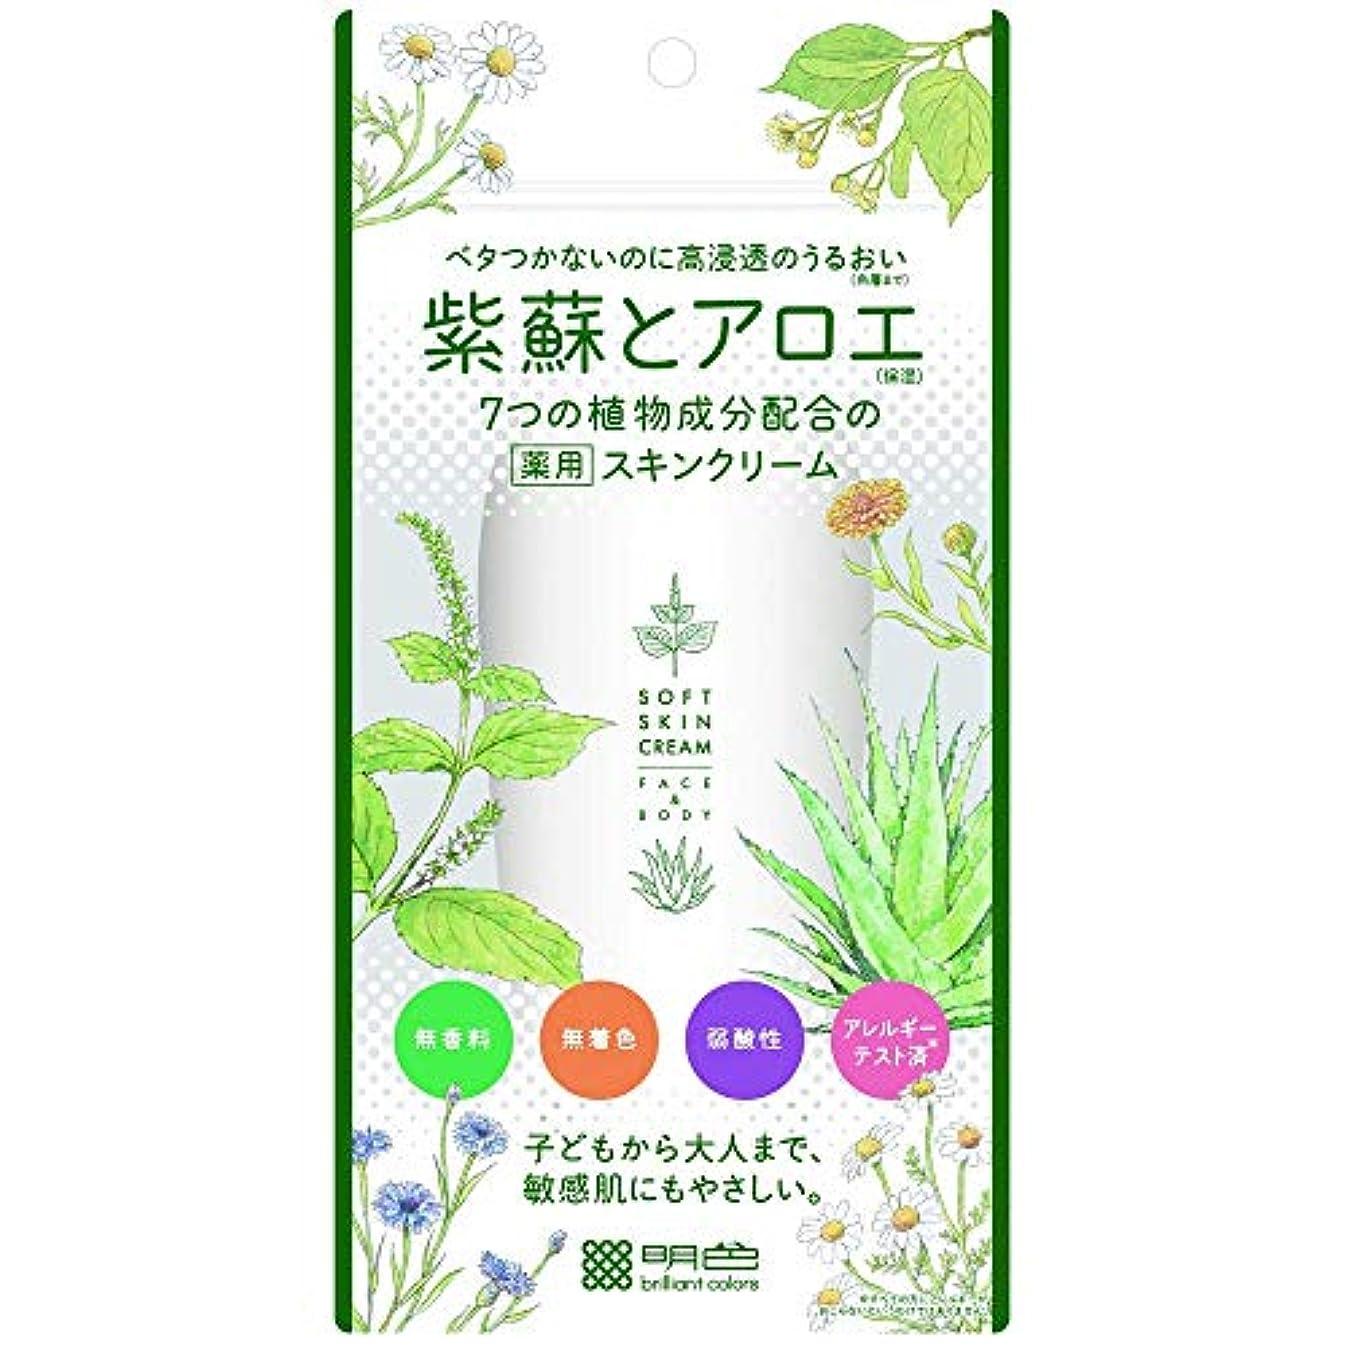 粘性の登山家渇き【6個セット】紫蘇とアロエ 薬用スキンクリーム 190g